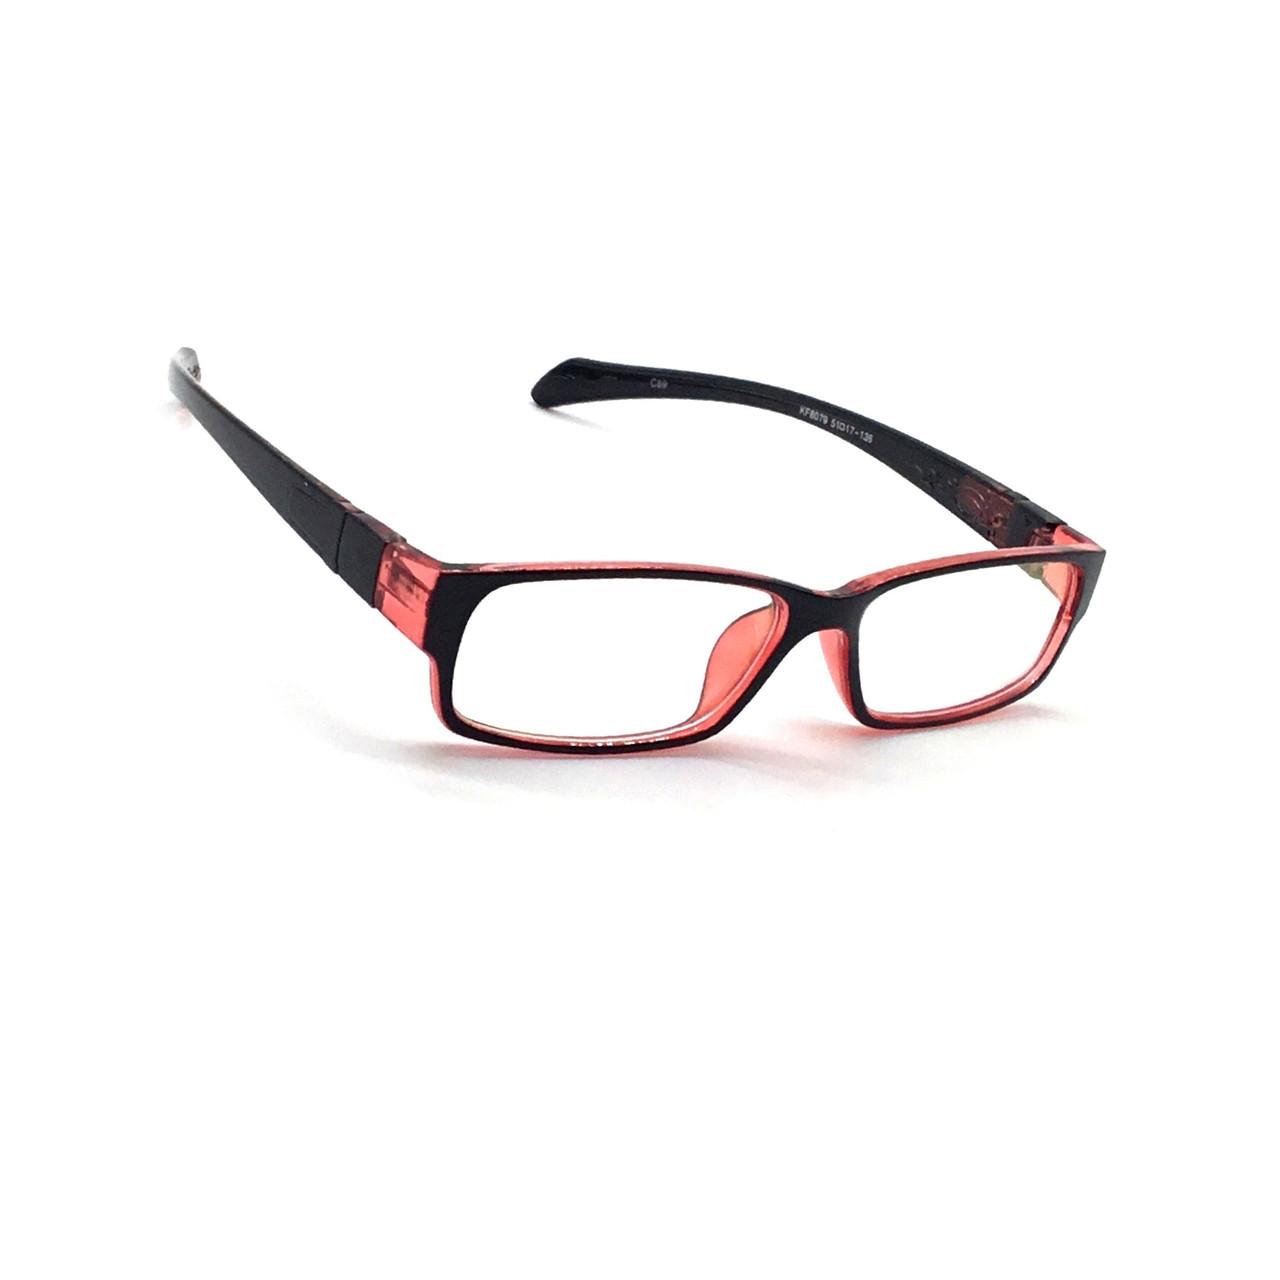 Комп'ютерні окуляри з полімерної лінзою 8079